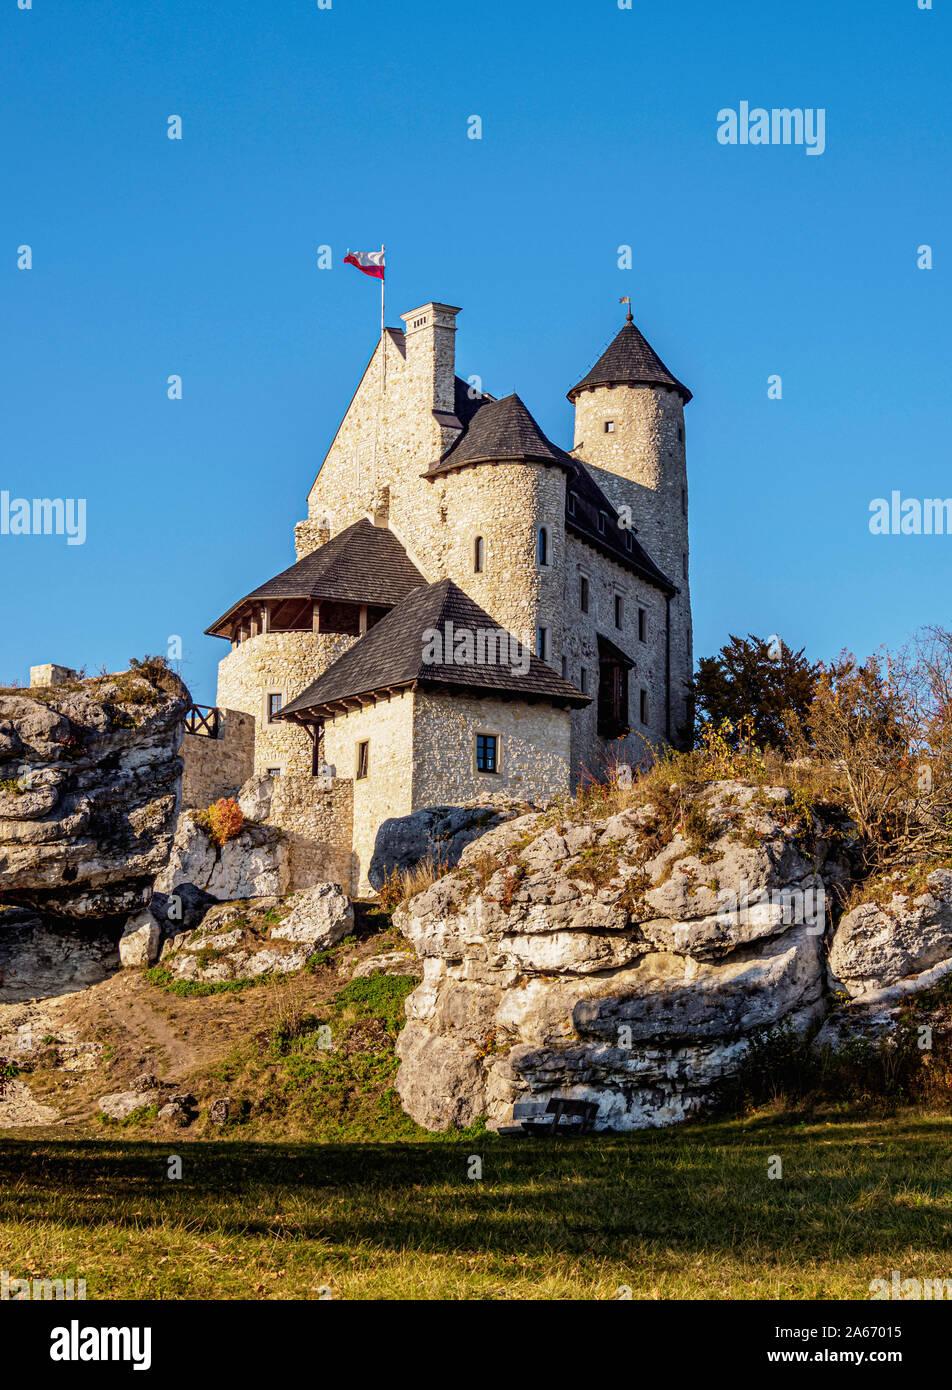 Bobolice Castillo Real, Sendero de los nidos de águilas, Krakow-Czestochowa Upland o polaco Jurassic Highland, Voivodato de Silesia, Polonia Foto de stock